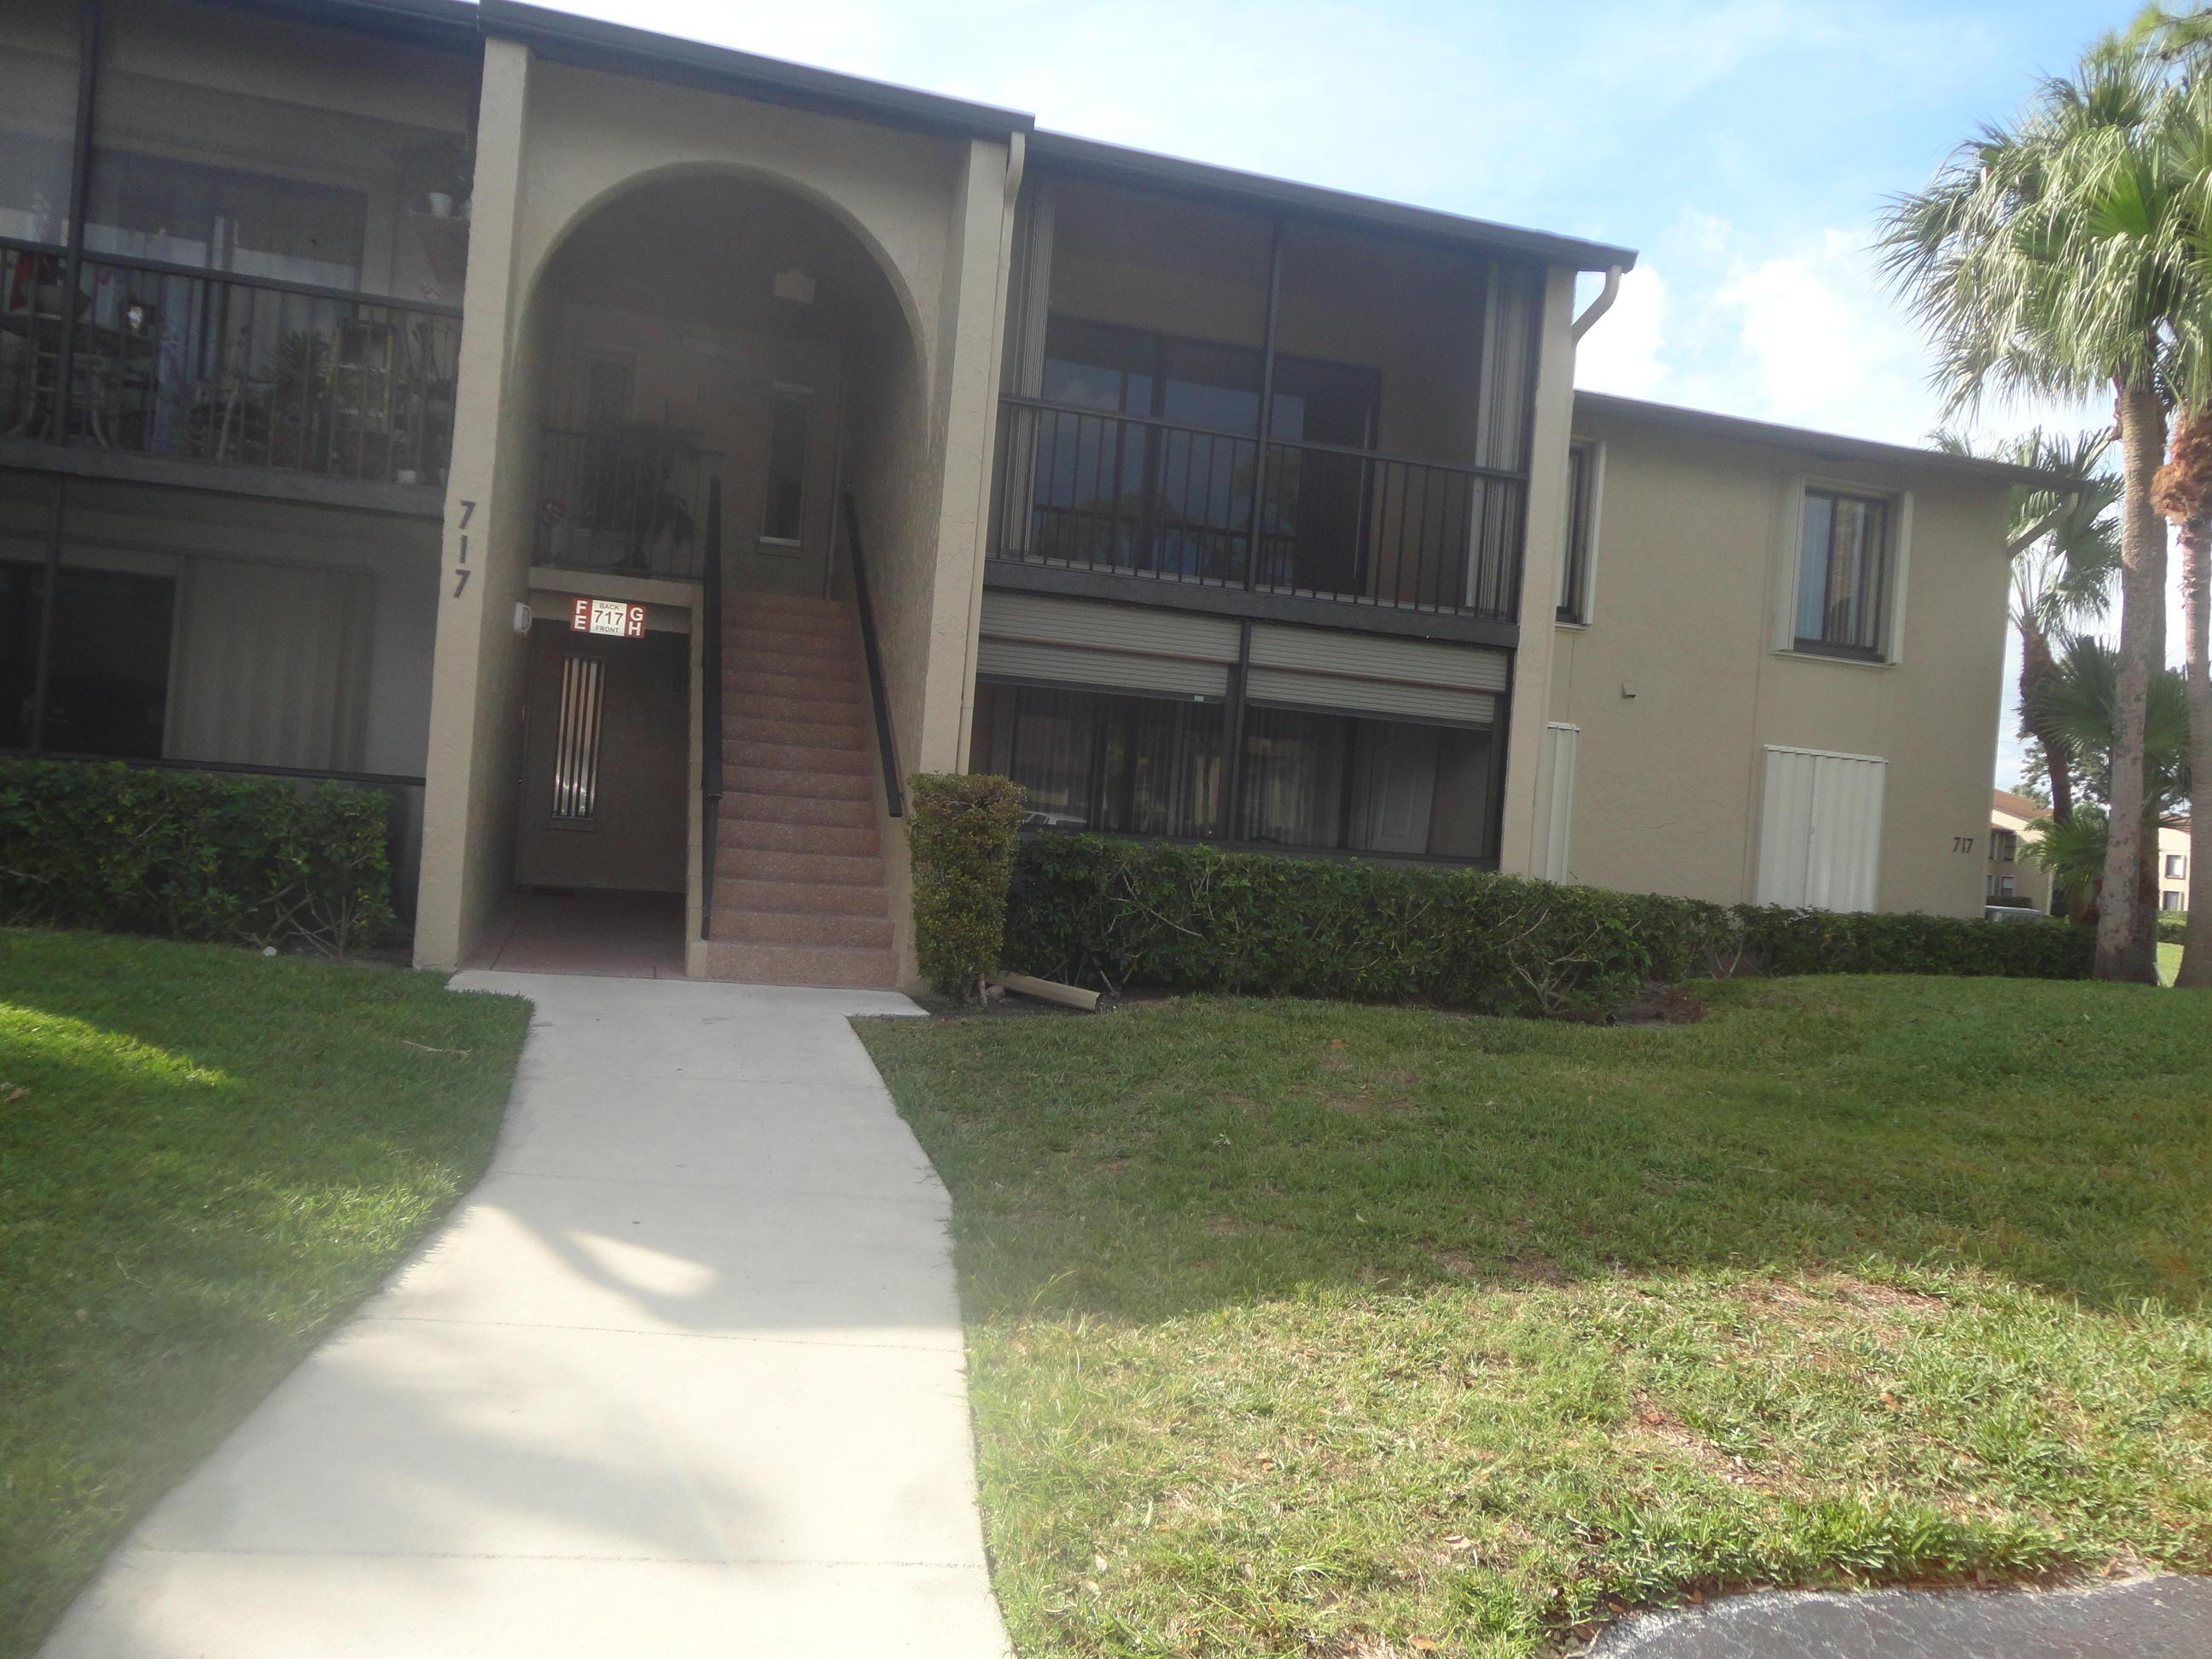 717 Sunny Pine Way, Greenacres, Florida 33415, 2 Bedrooms Bedrooms, ,2 BathroomsBathrooms,Condo/Coop,For Sale,Sunny Pine,2,RX-10505270